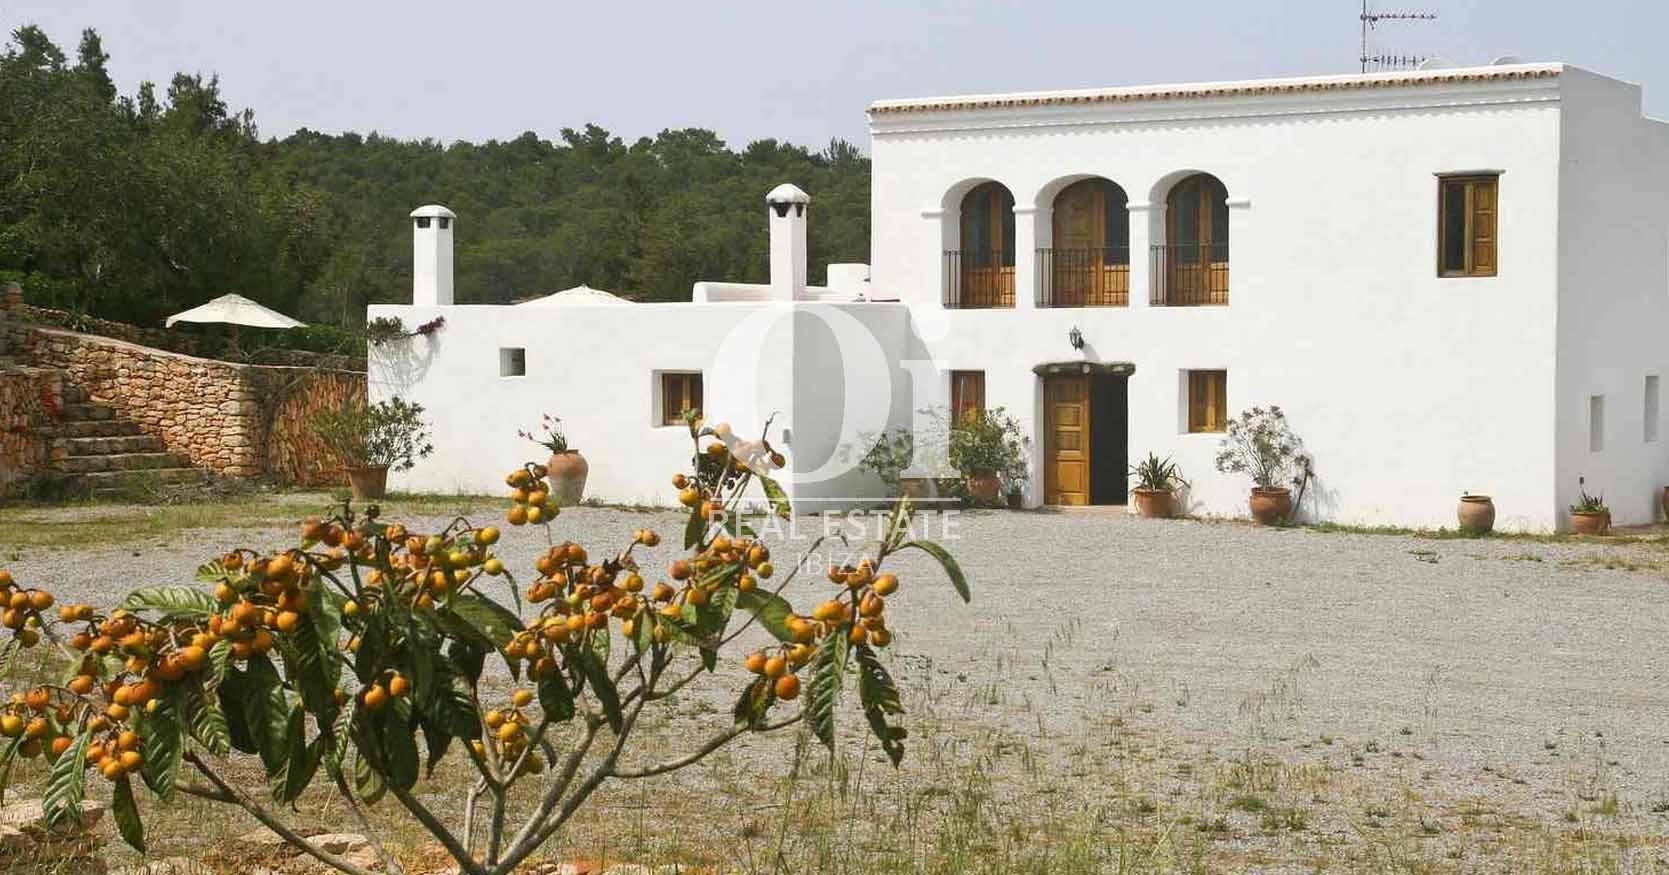 Fachada de casa de alquiler de estancia en San Rafael, Ibiza